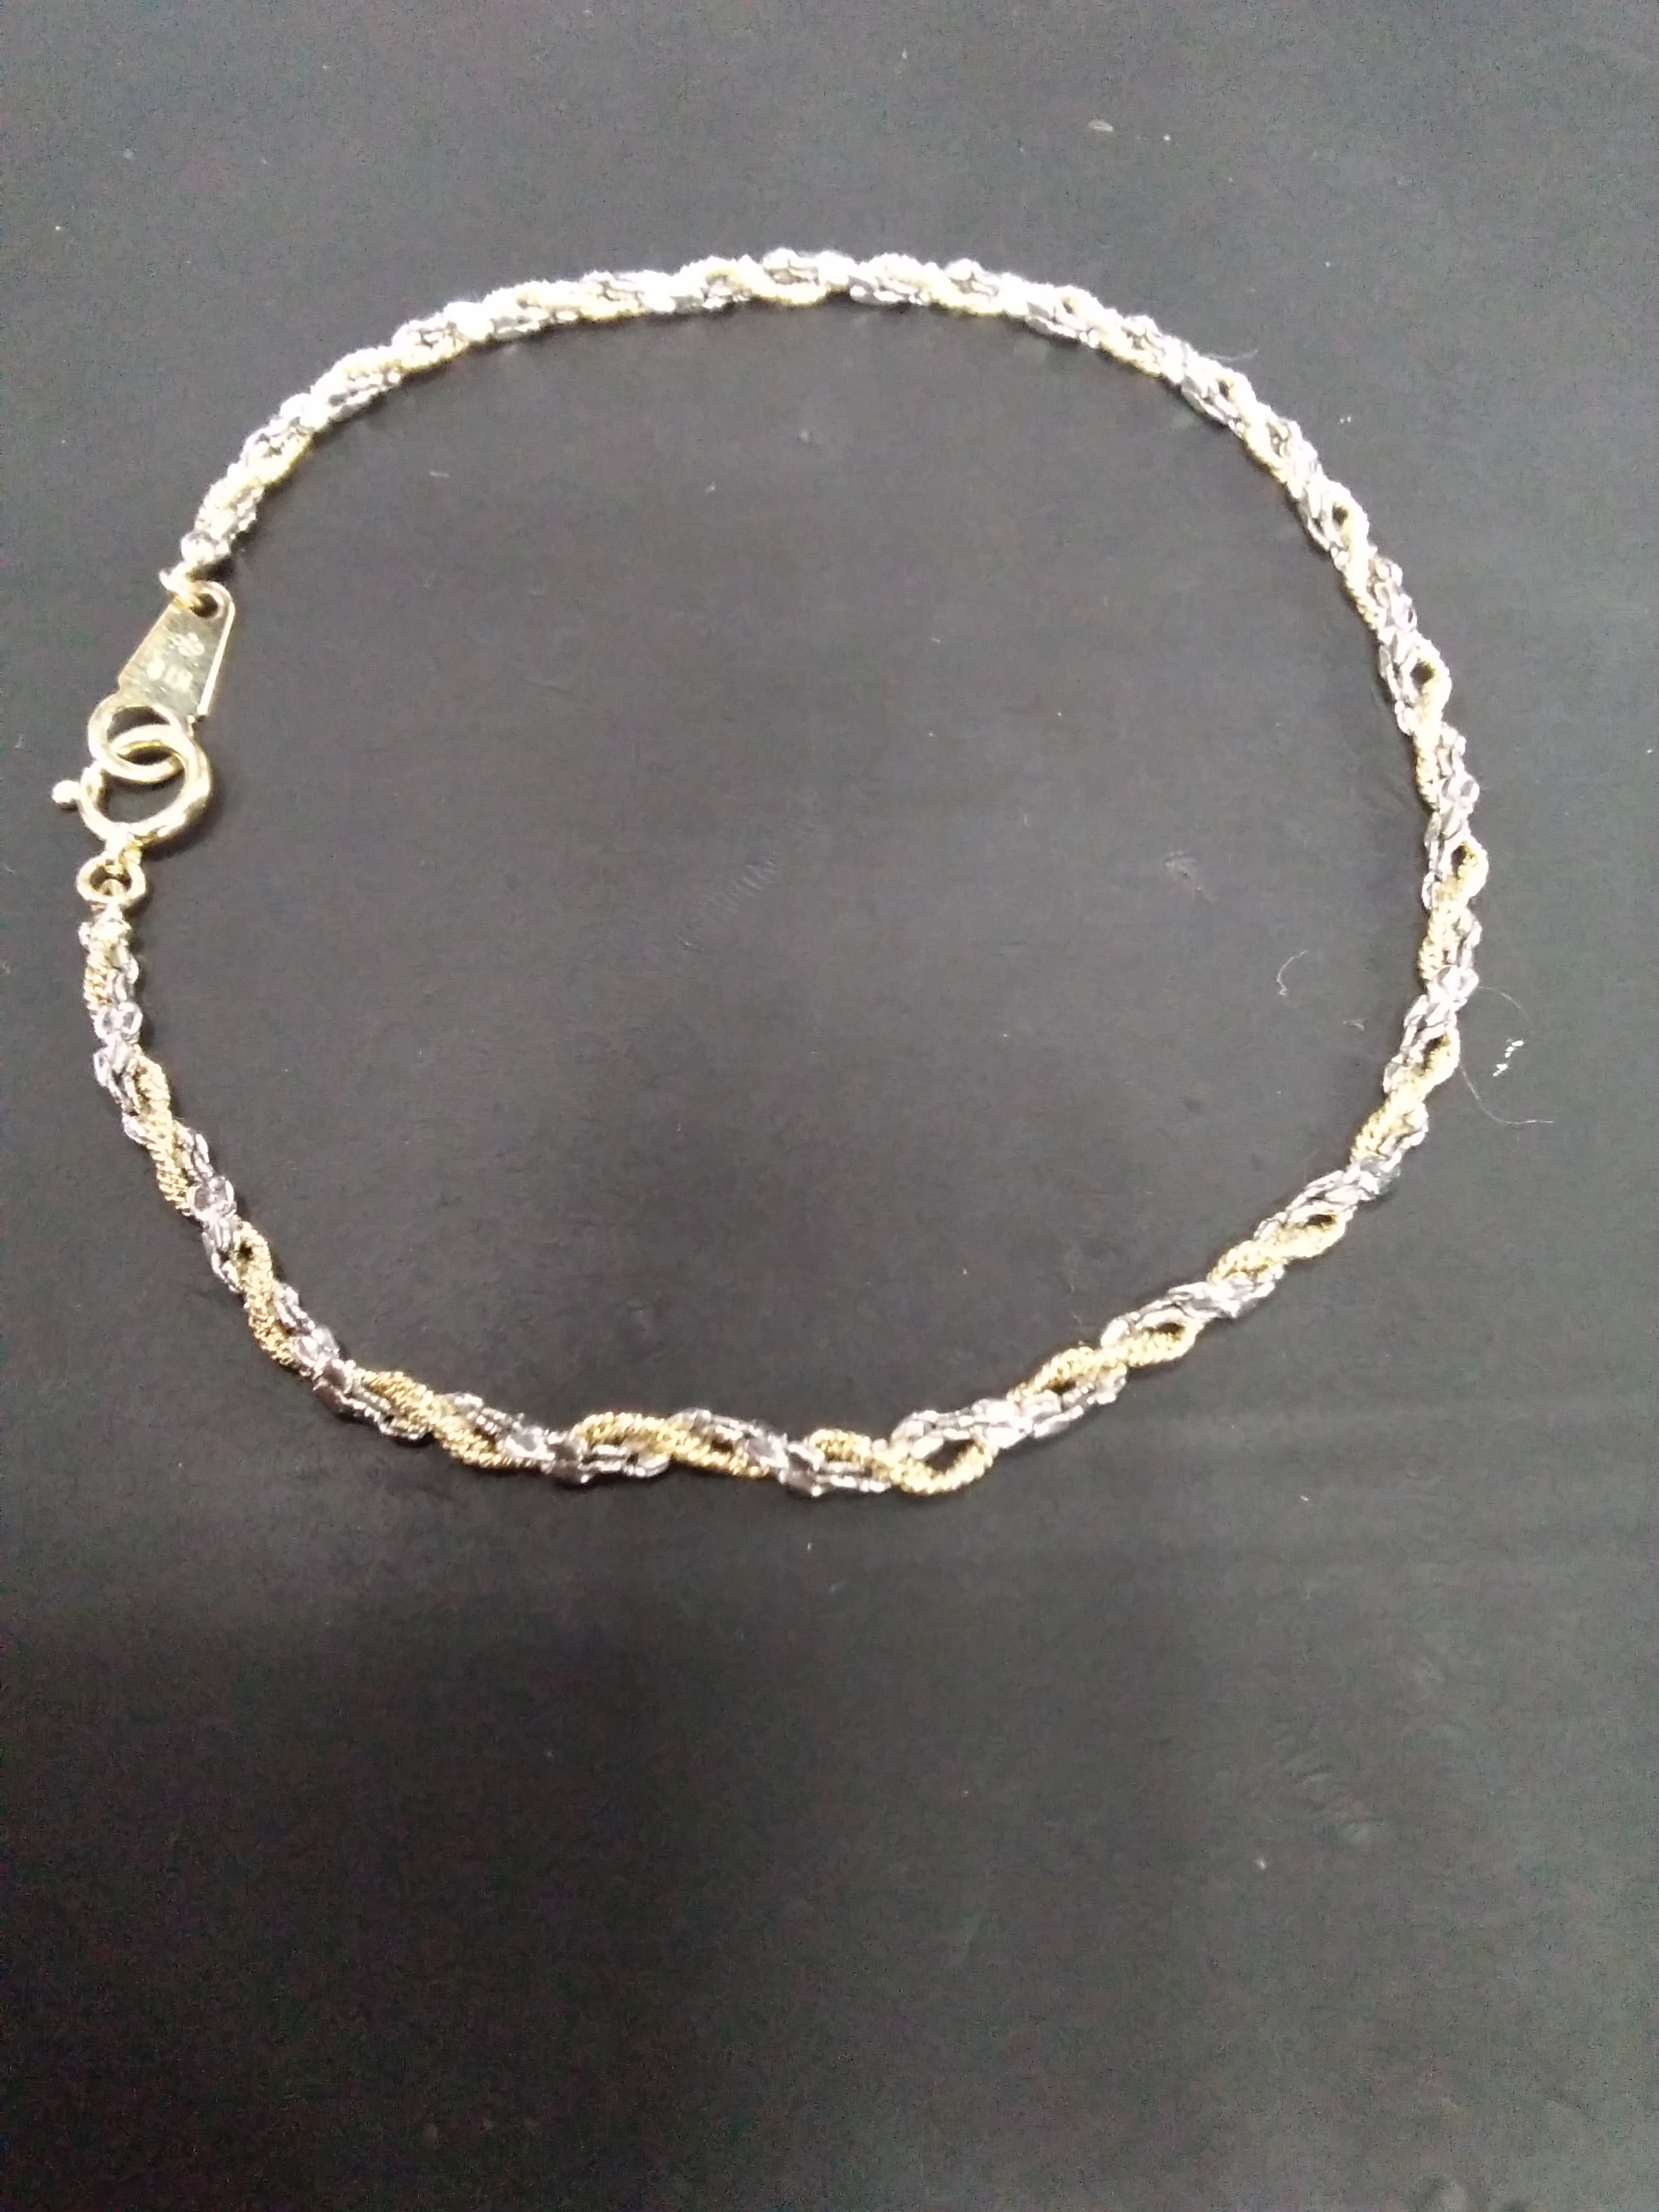 K18PT850ブレスレット 宝石無しブレスレット